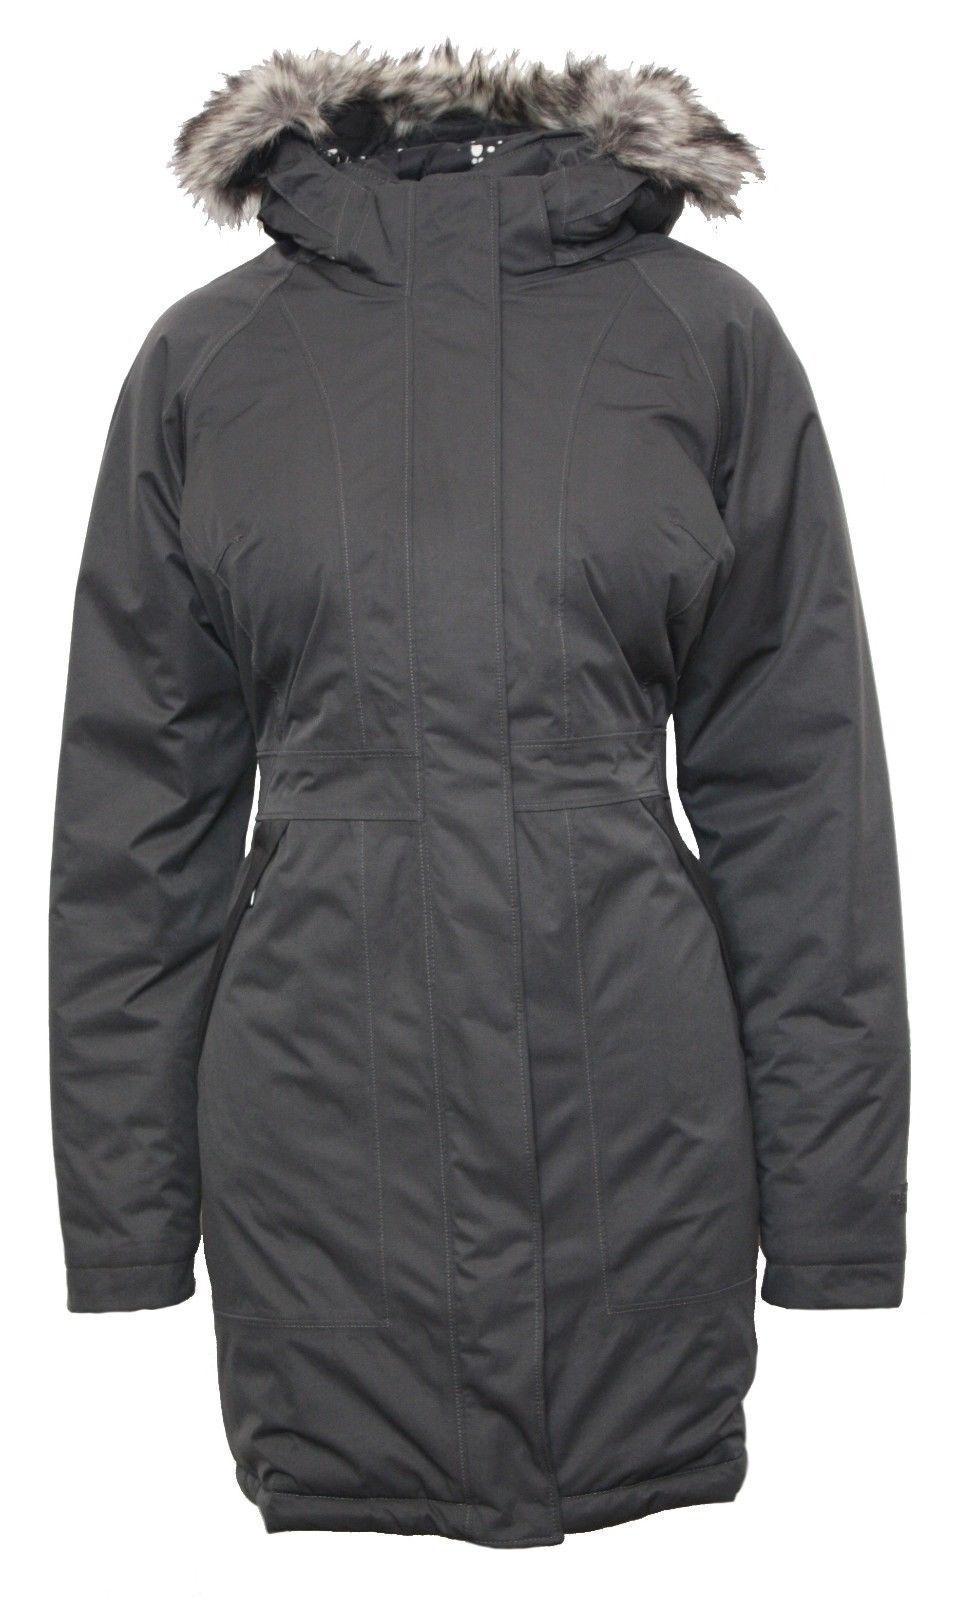 Top 10 Warmest Winter Jackets | eBay